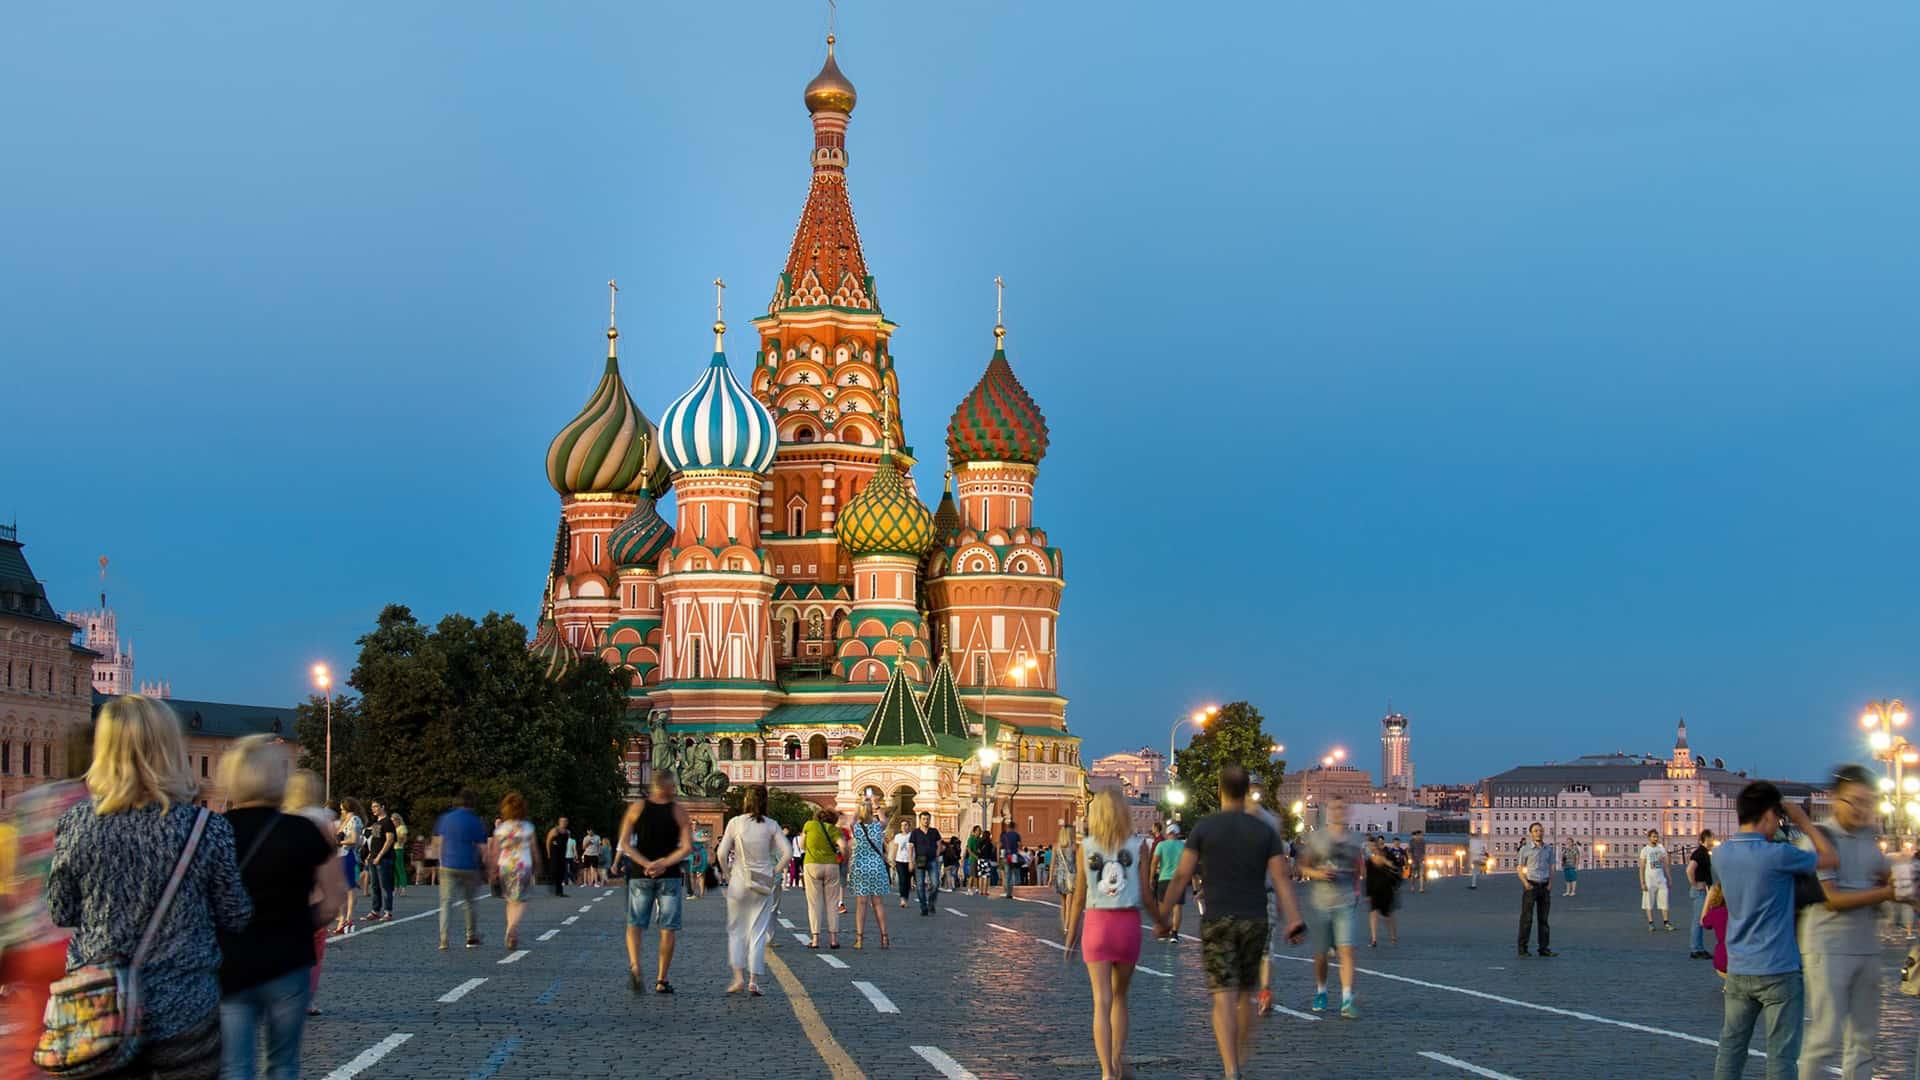 تحصیل در روسیه بدون مدرک زبان